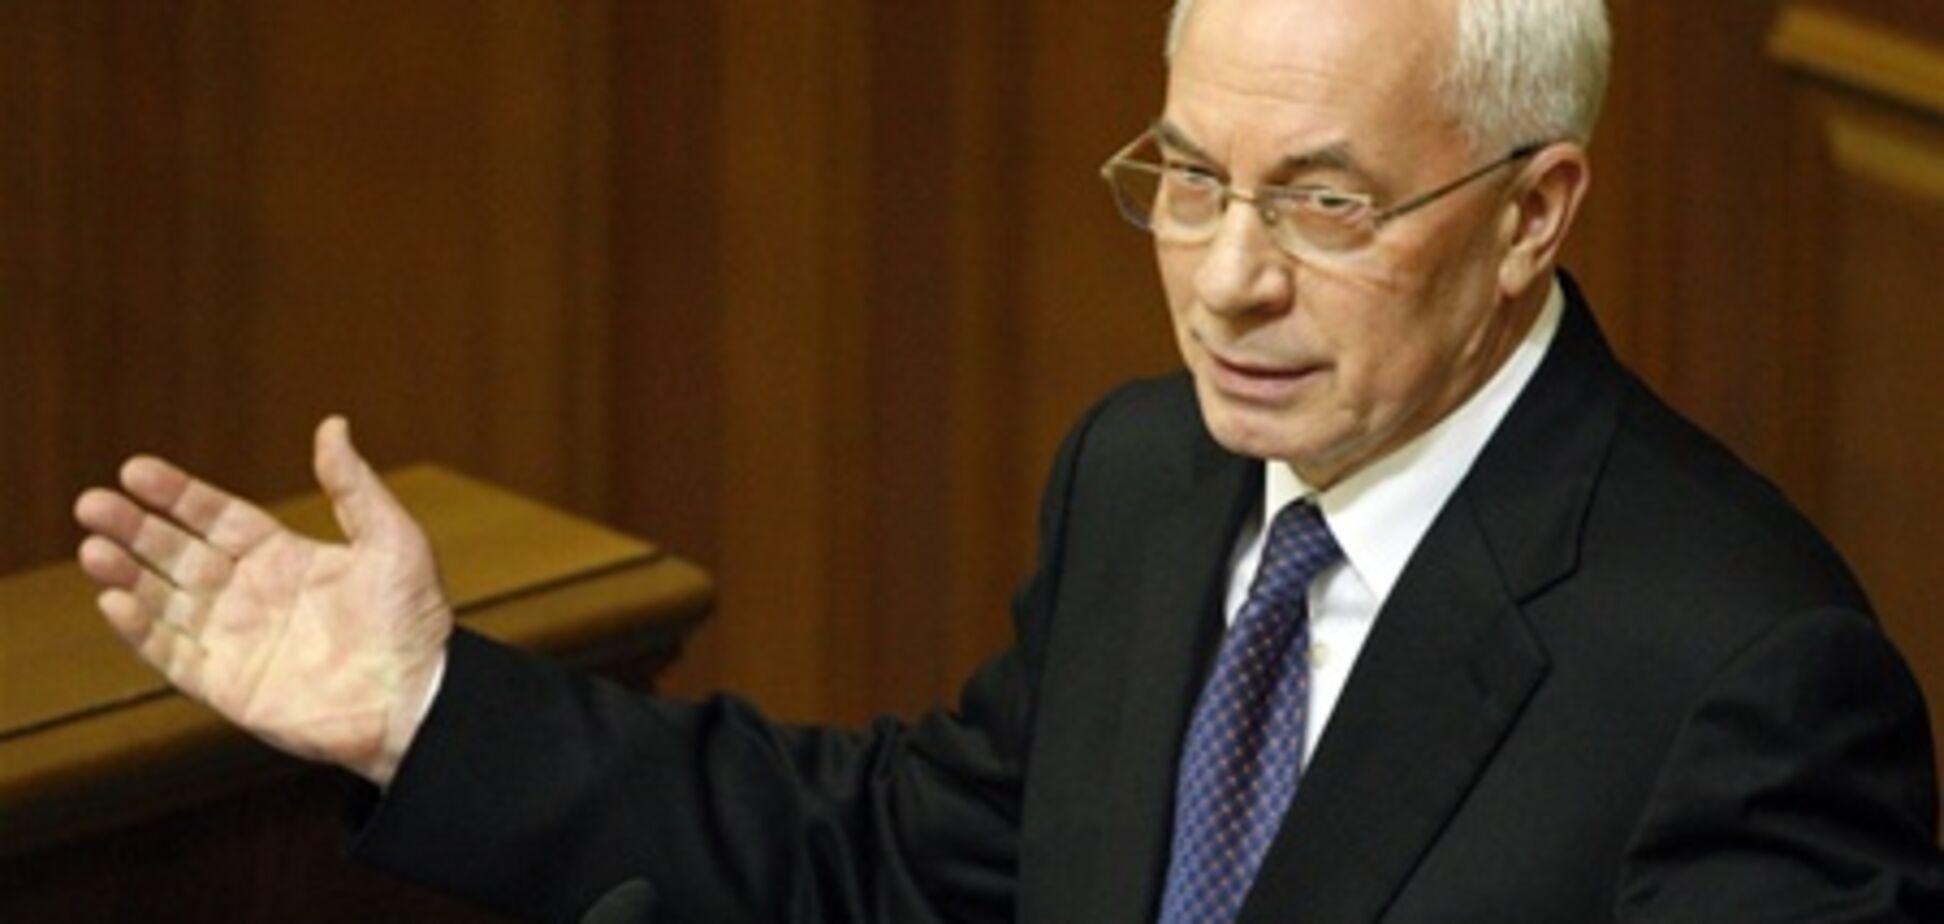 Азаров побачив між парламентських бійок компроміс